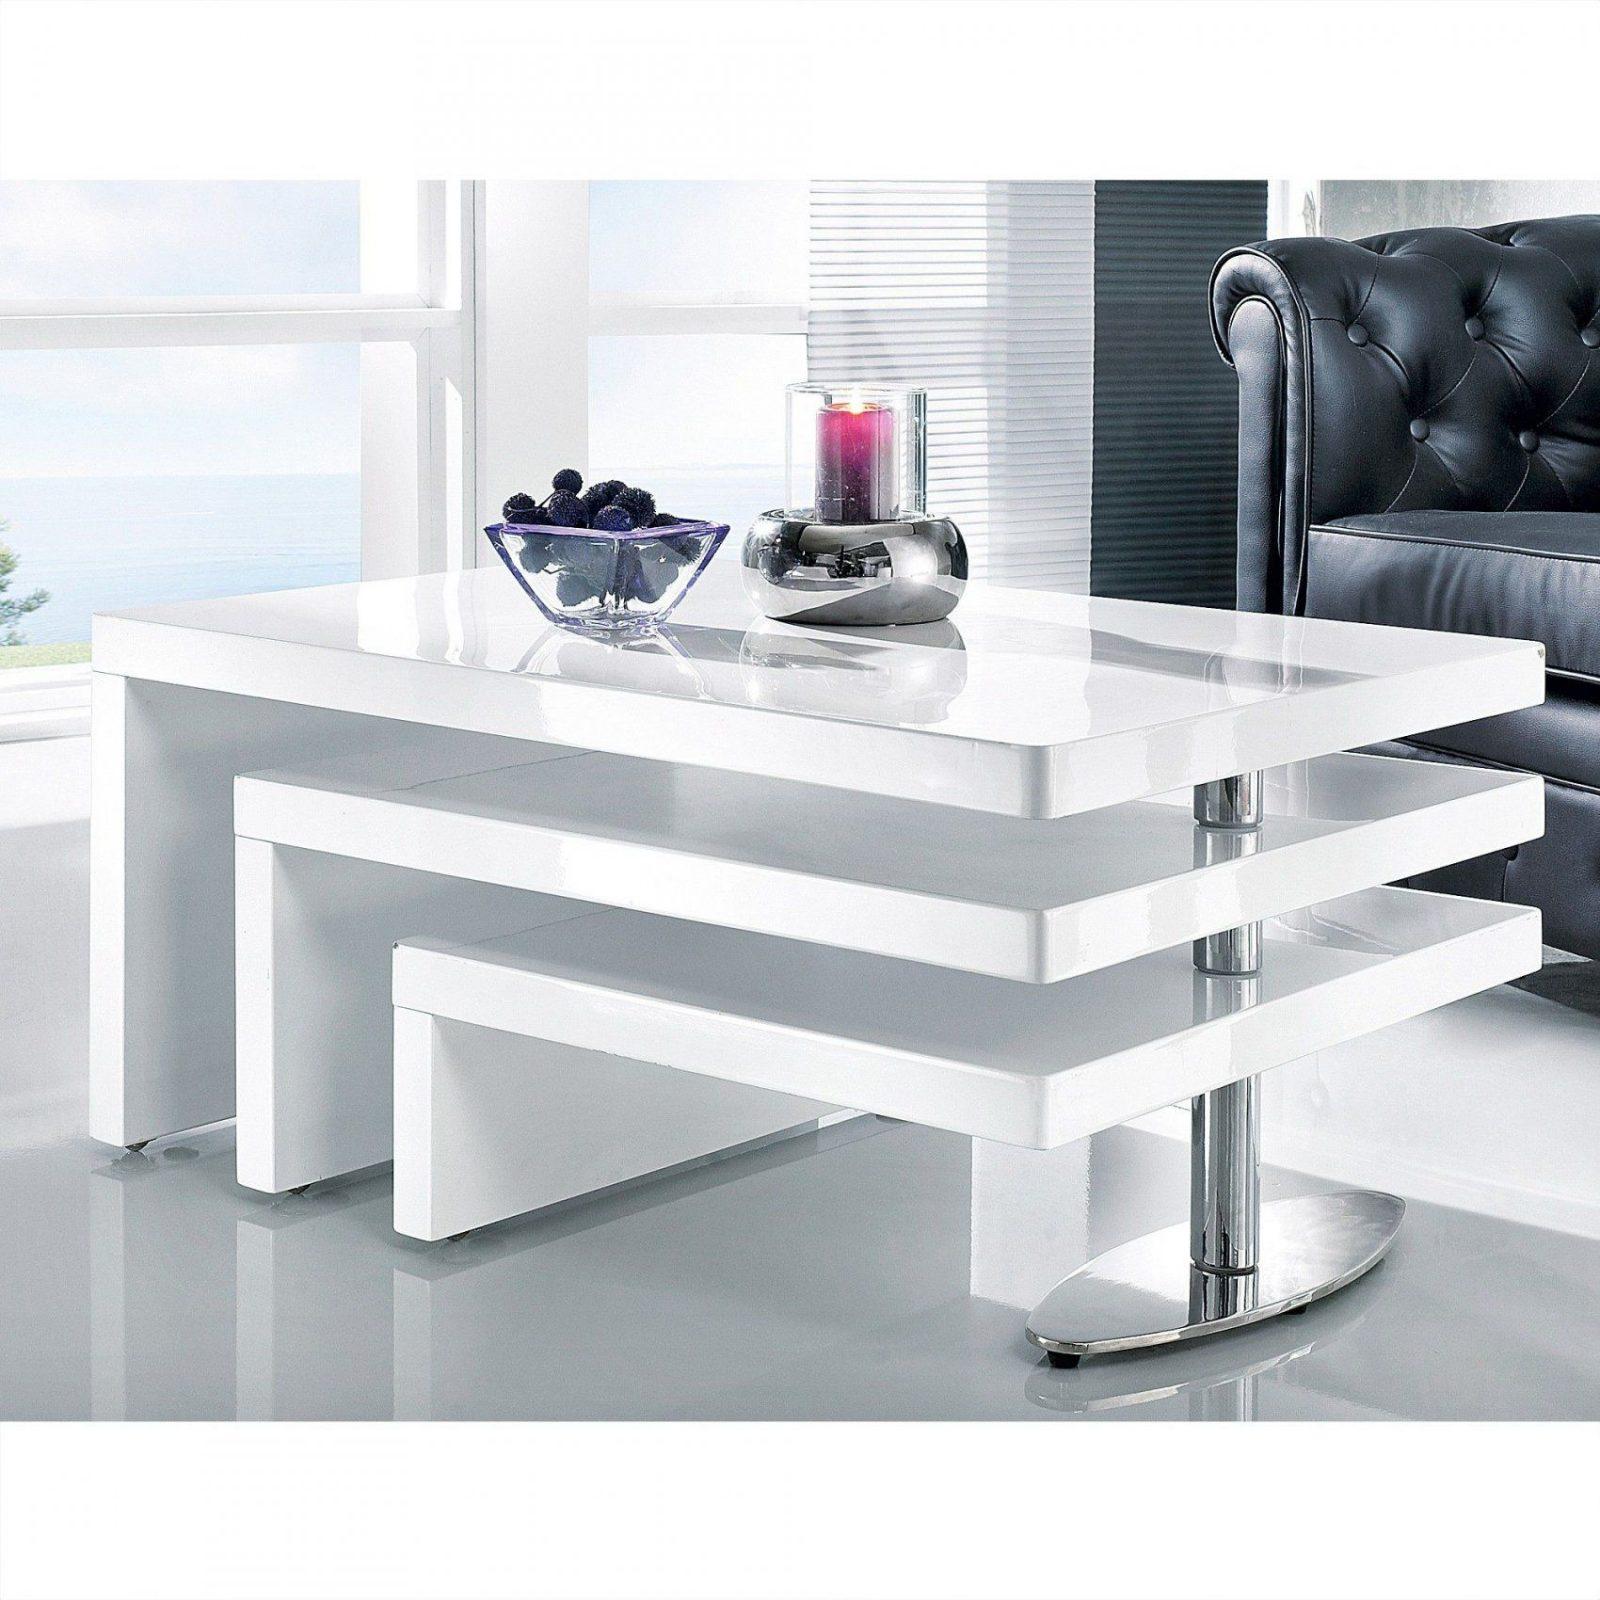 Herrlich Delife Wohnzimmertisch Strike Hochglanz Weiss 140X70 Cm von Moderne Couchtische Weiß Hochglanz Bild